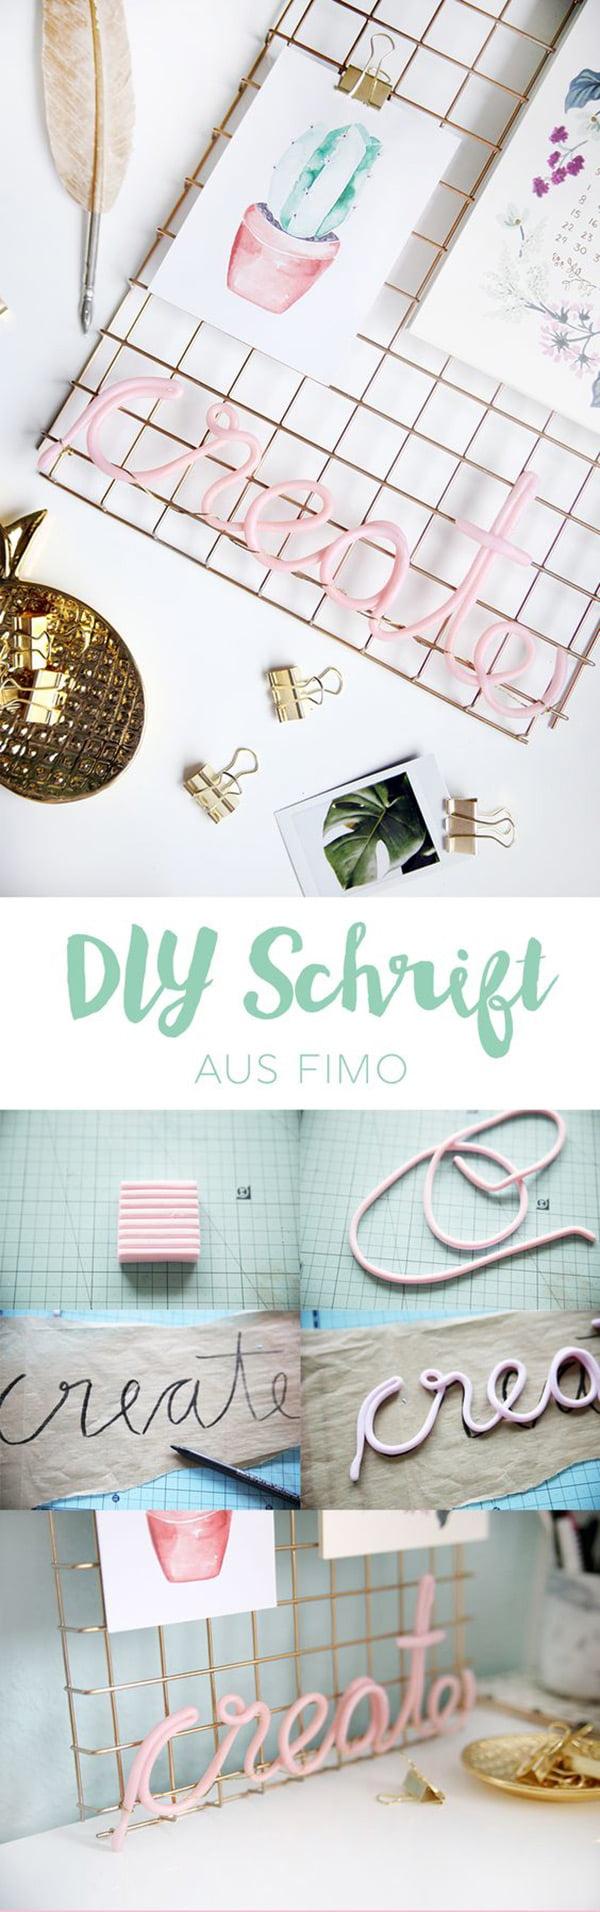 Die besten DIY-Ideen auf Pinterest: Fimo Schrift von Mein Feenstaub